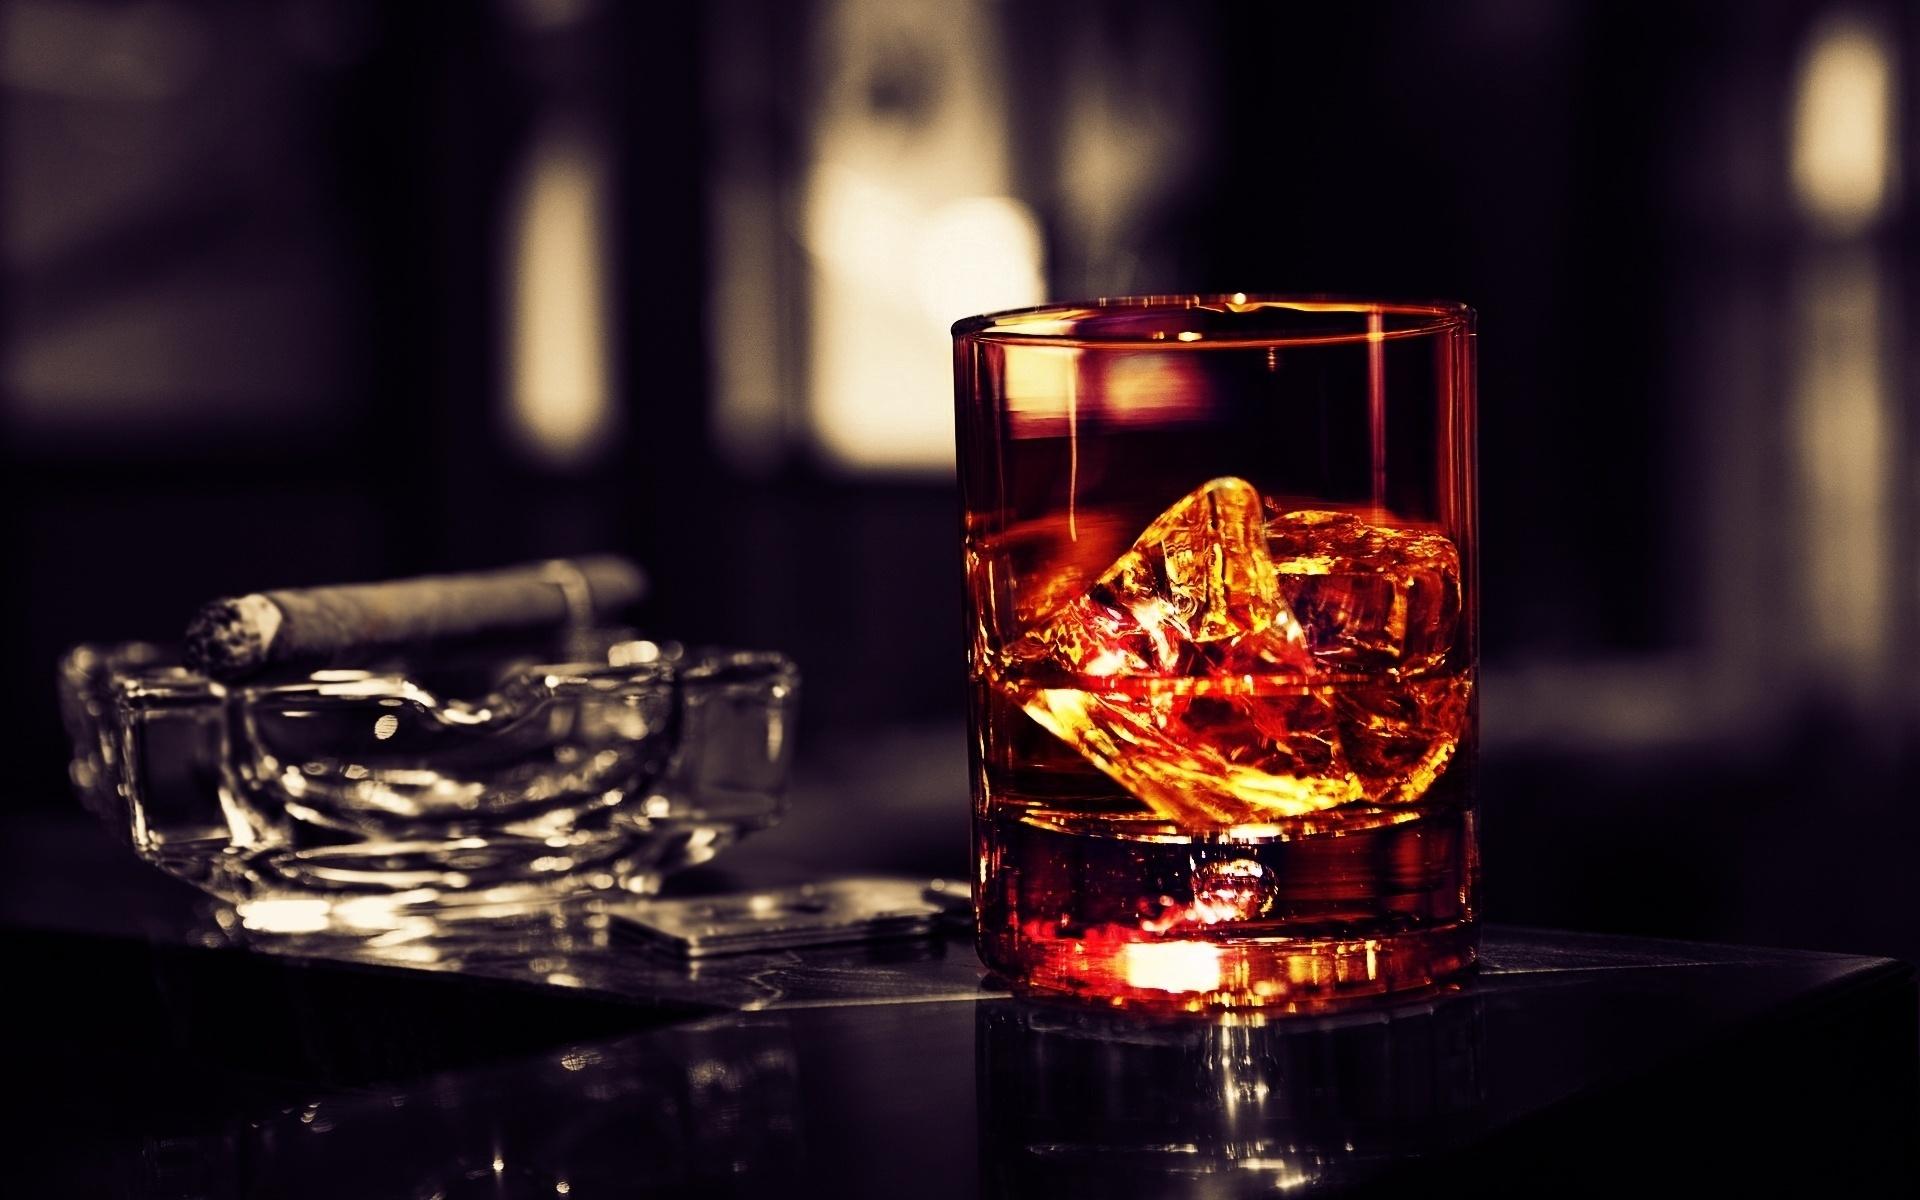 Правильный выбор виски и сигар – залог отлично проведенного вечера